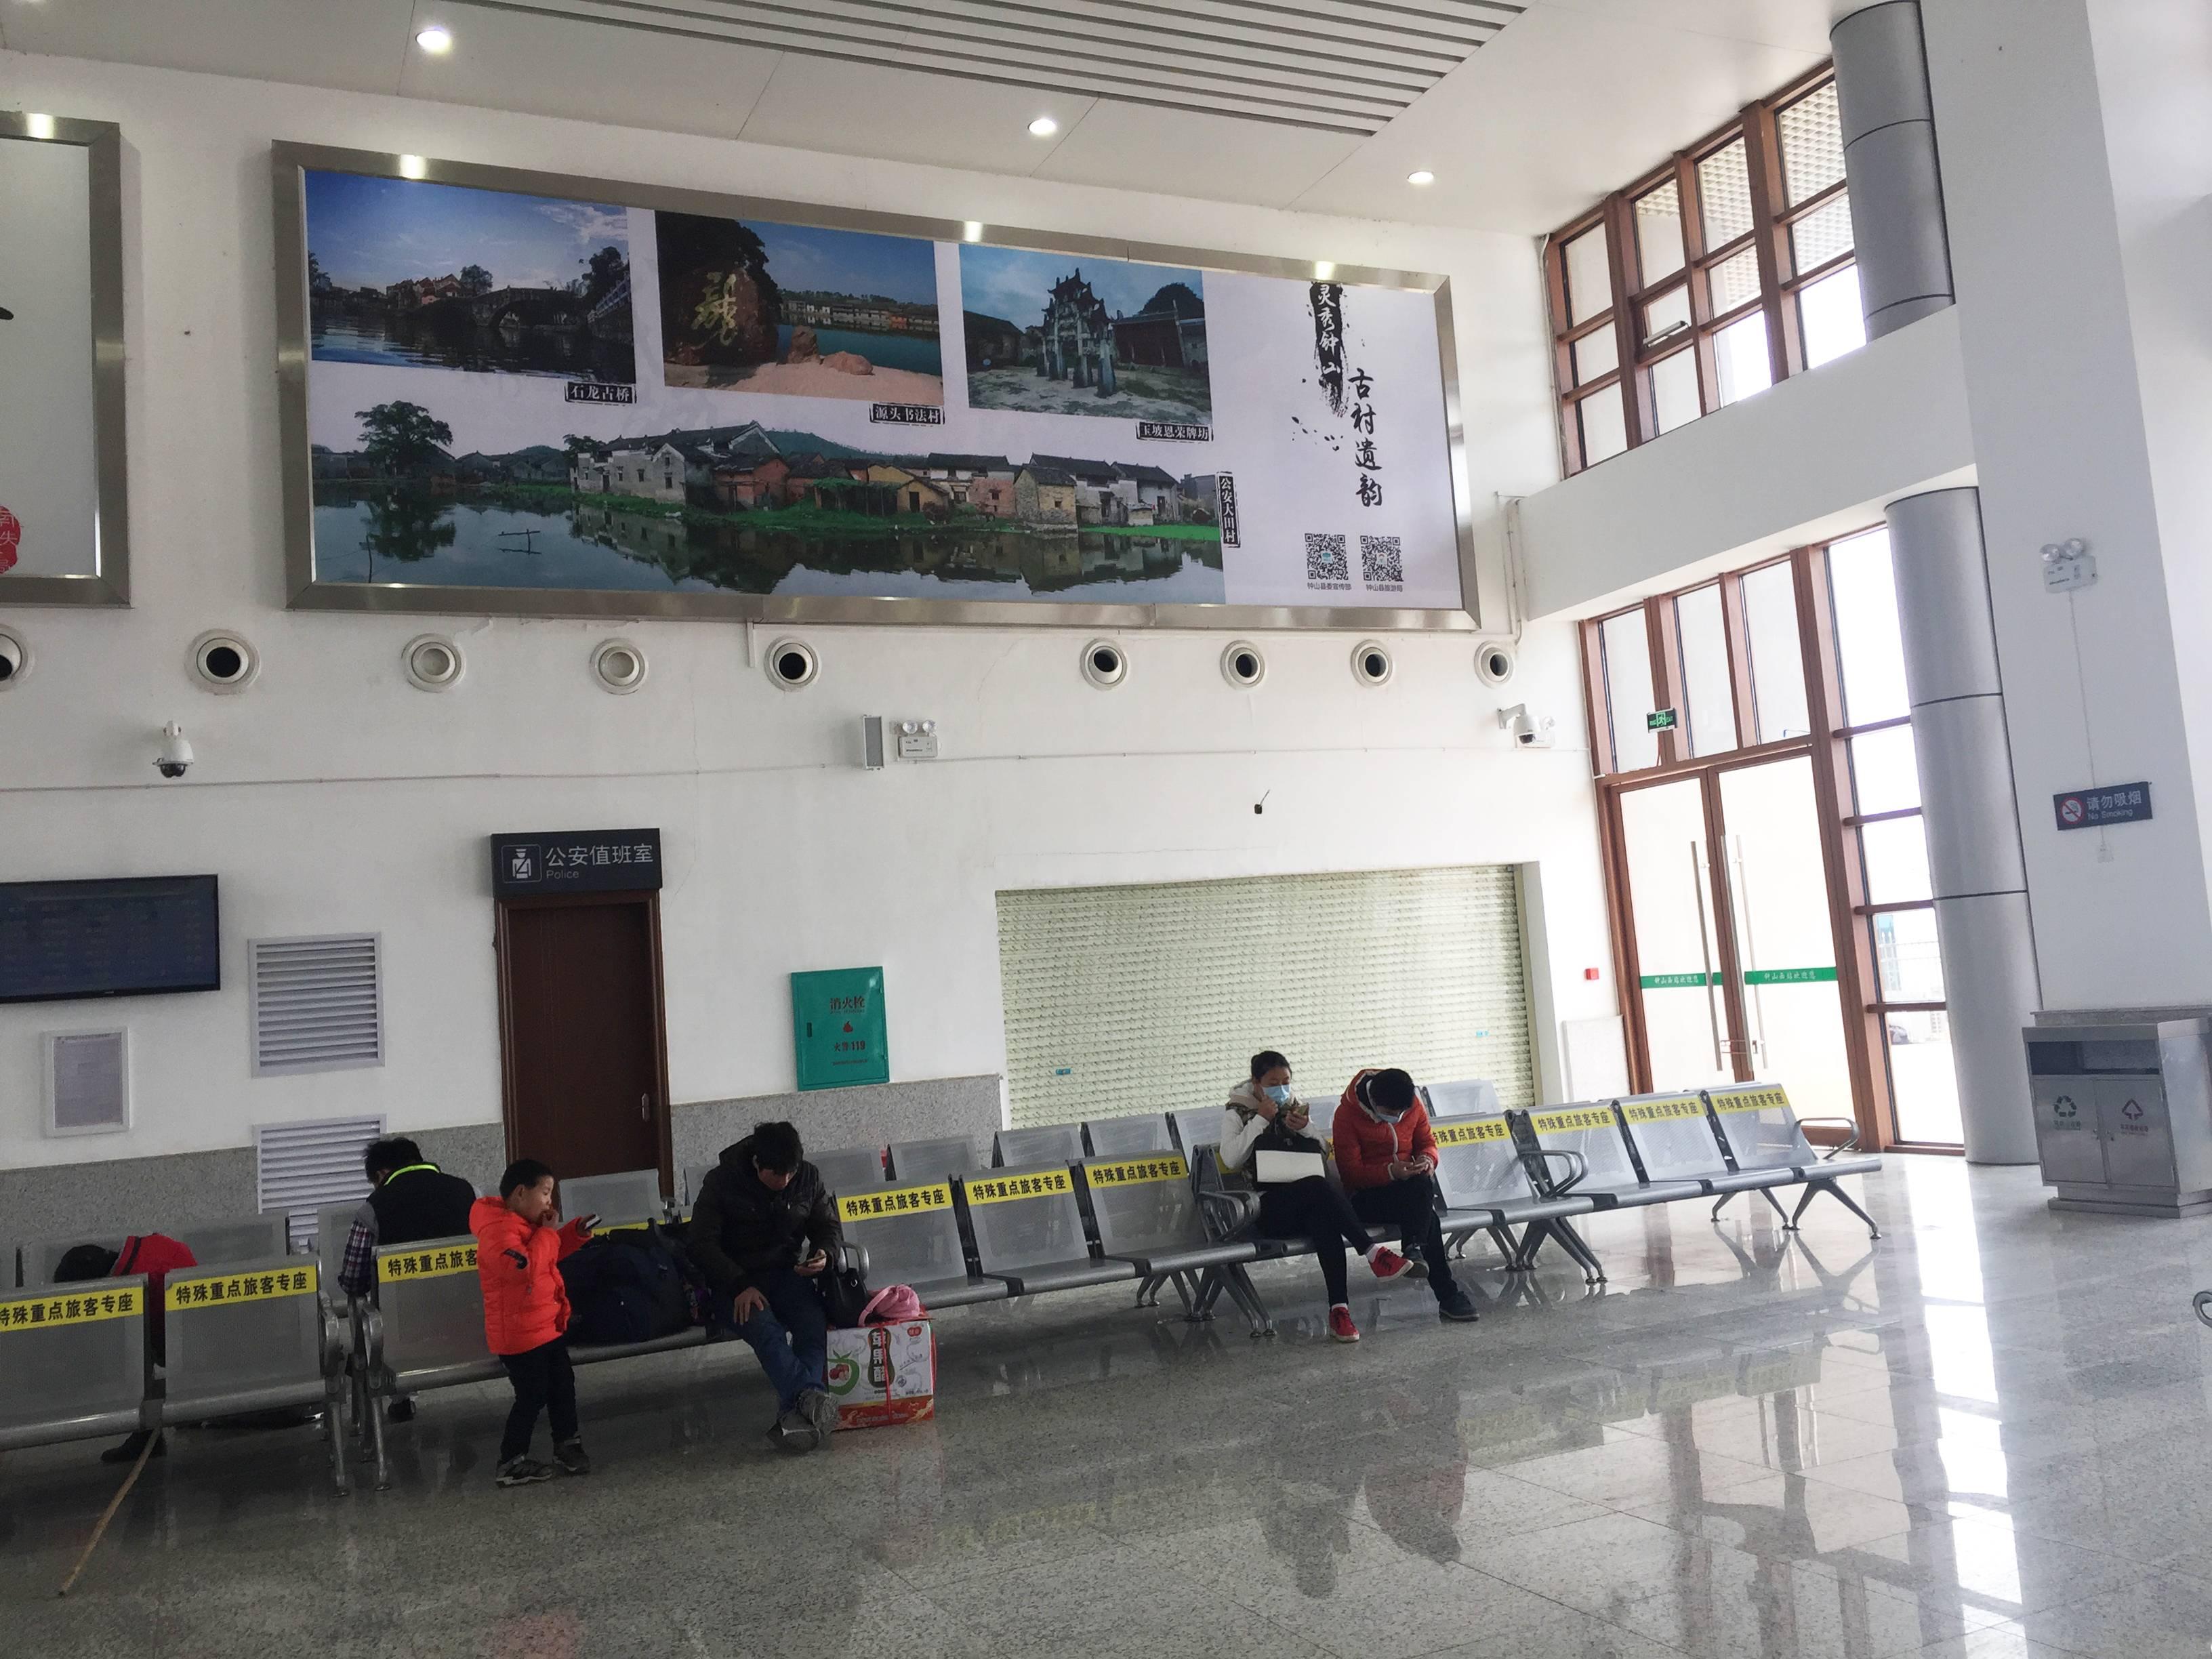 广西贺州市钟山西站火车站高铁站候车大厅灯箱媒体广告